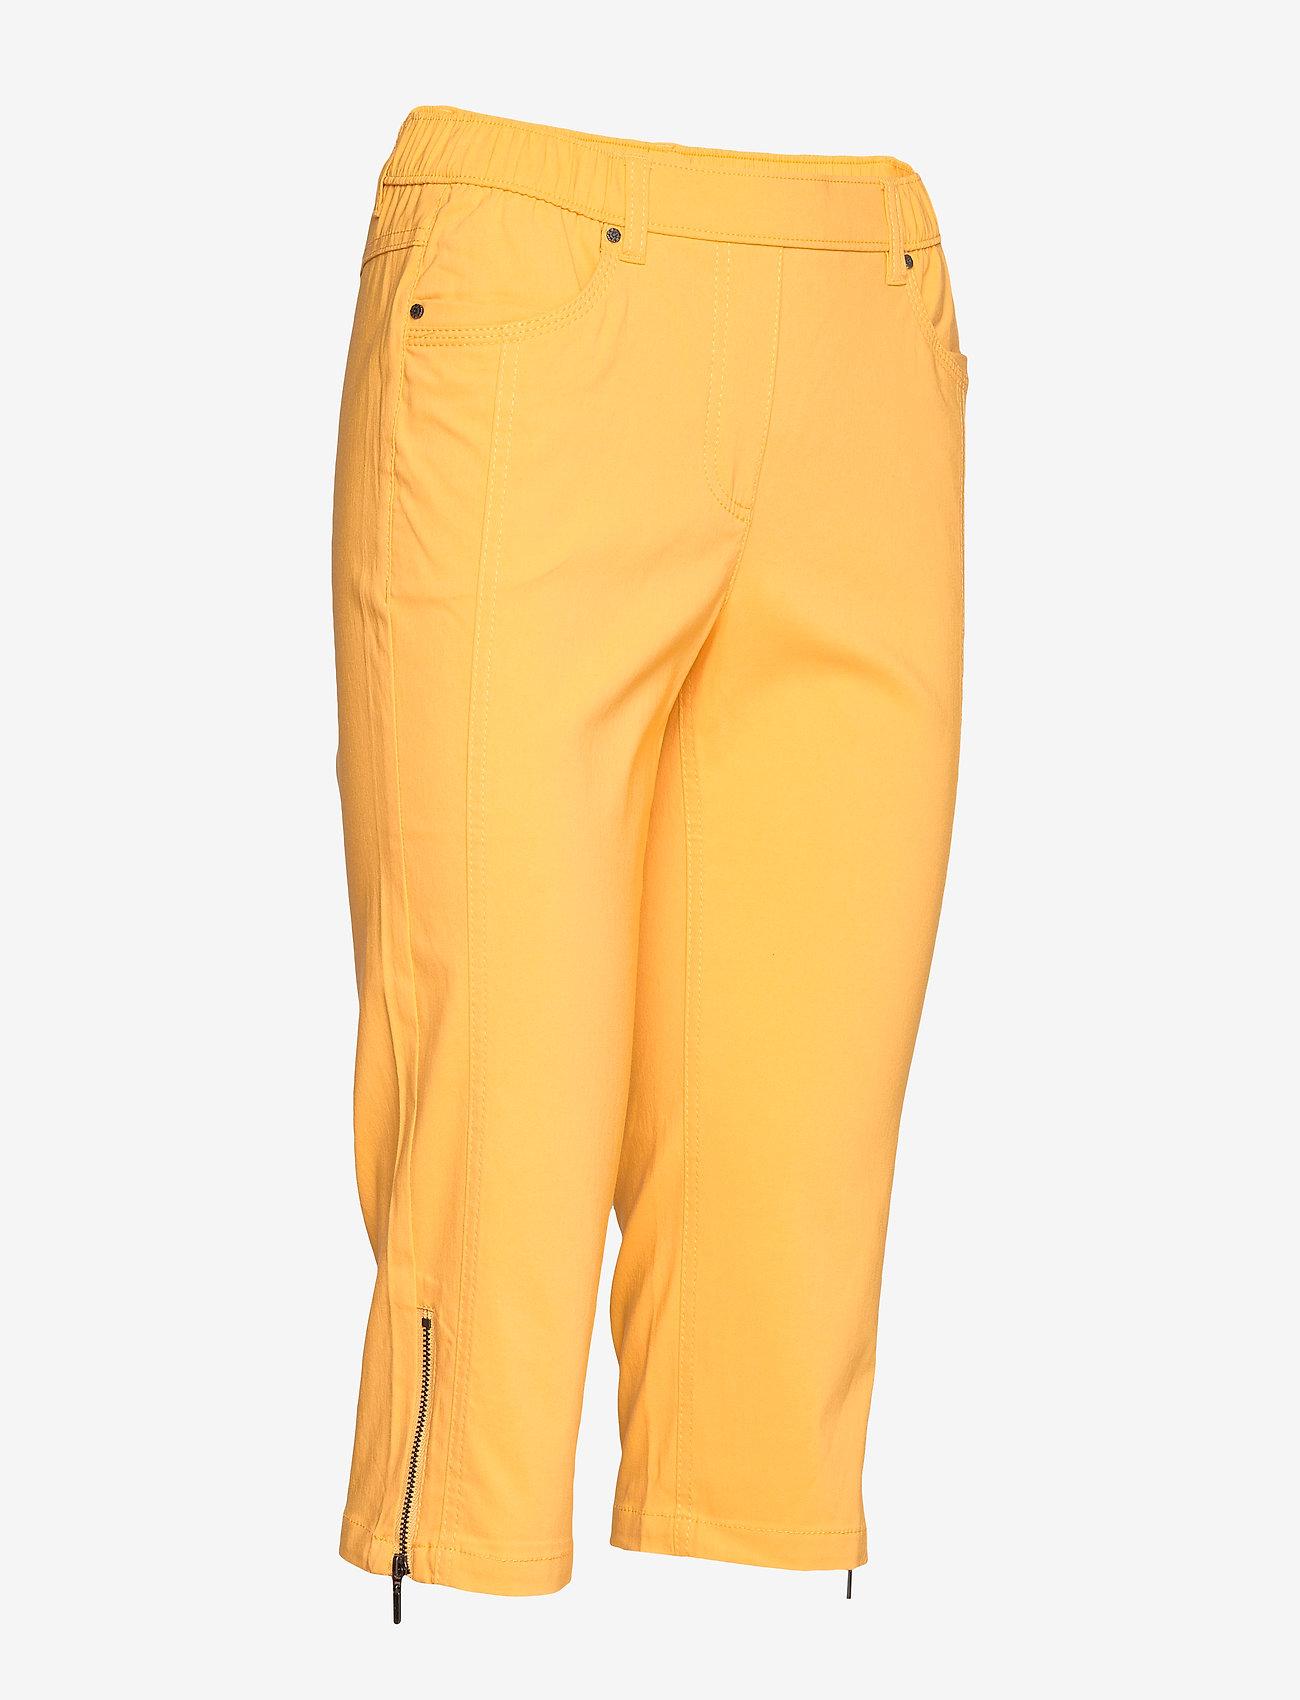 Brandtex Capri pants - Spodnie YOLK YELLOW - Kobiety Odzież.